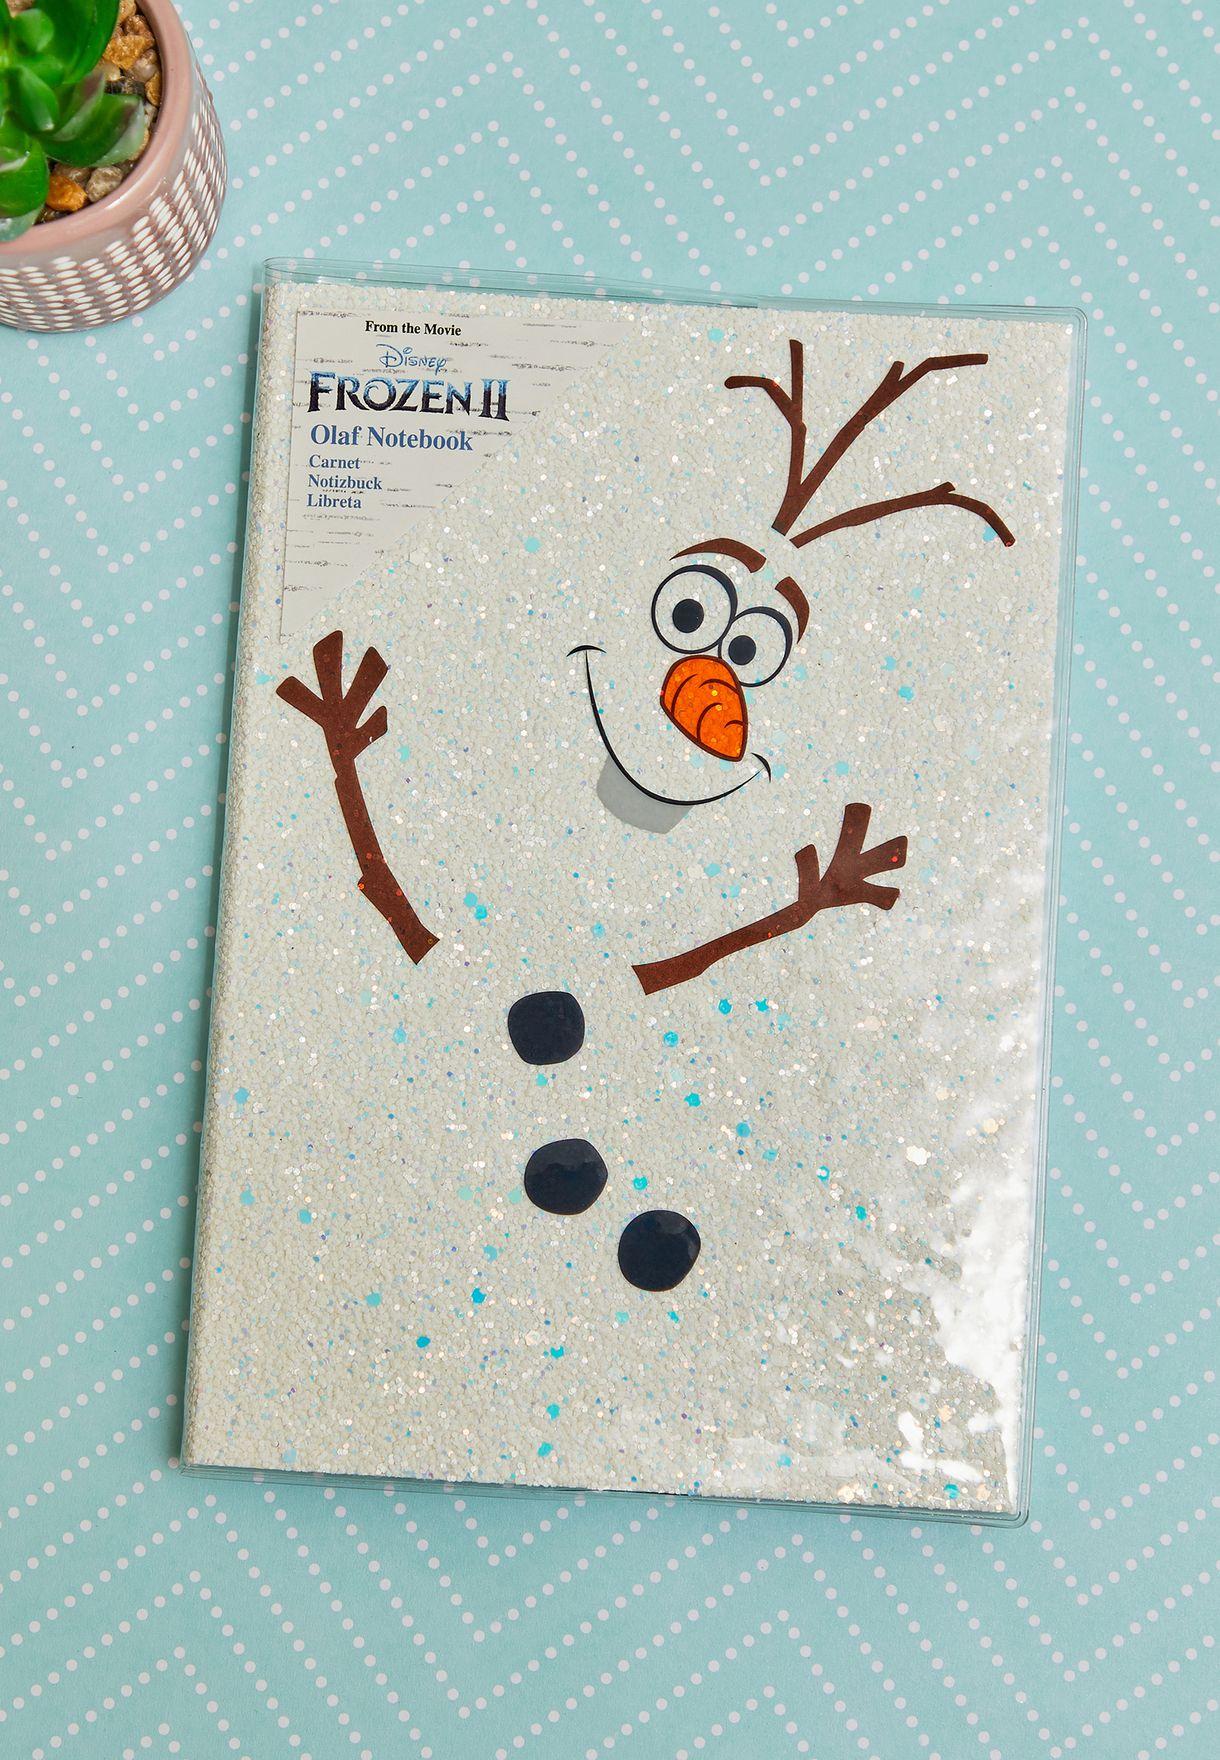 Frozen 2 Olaf Notebook